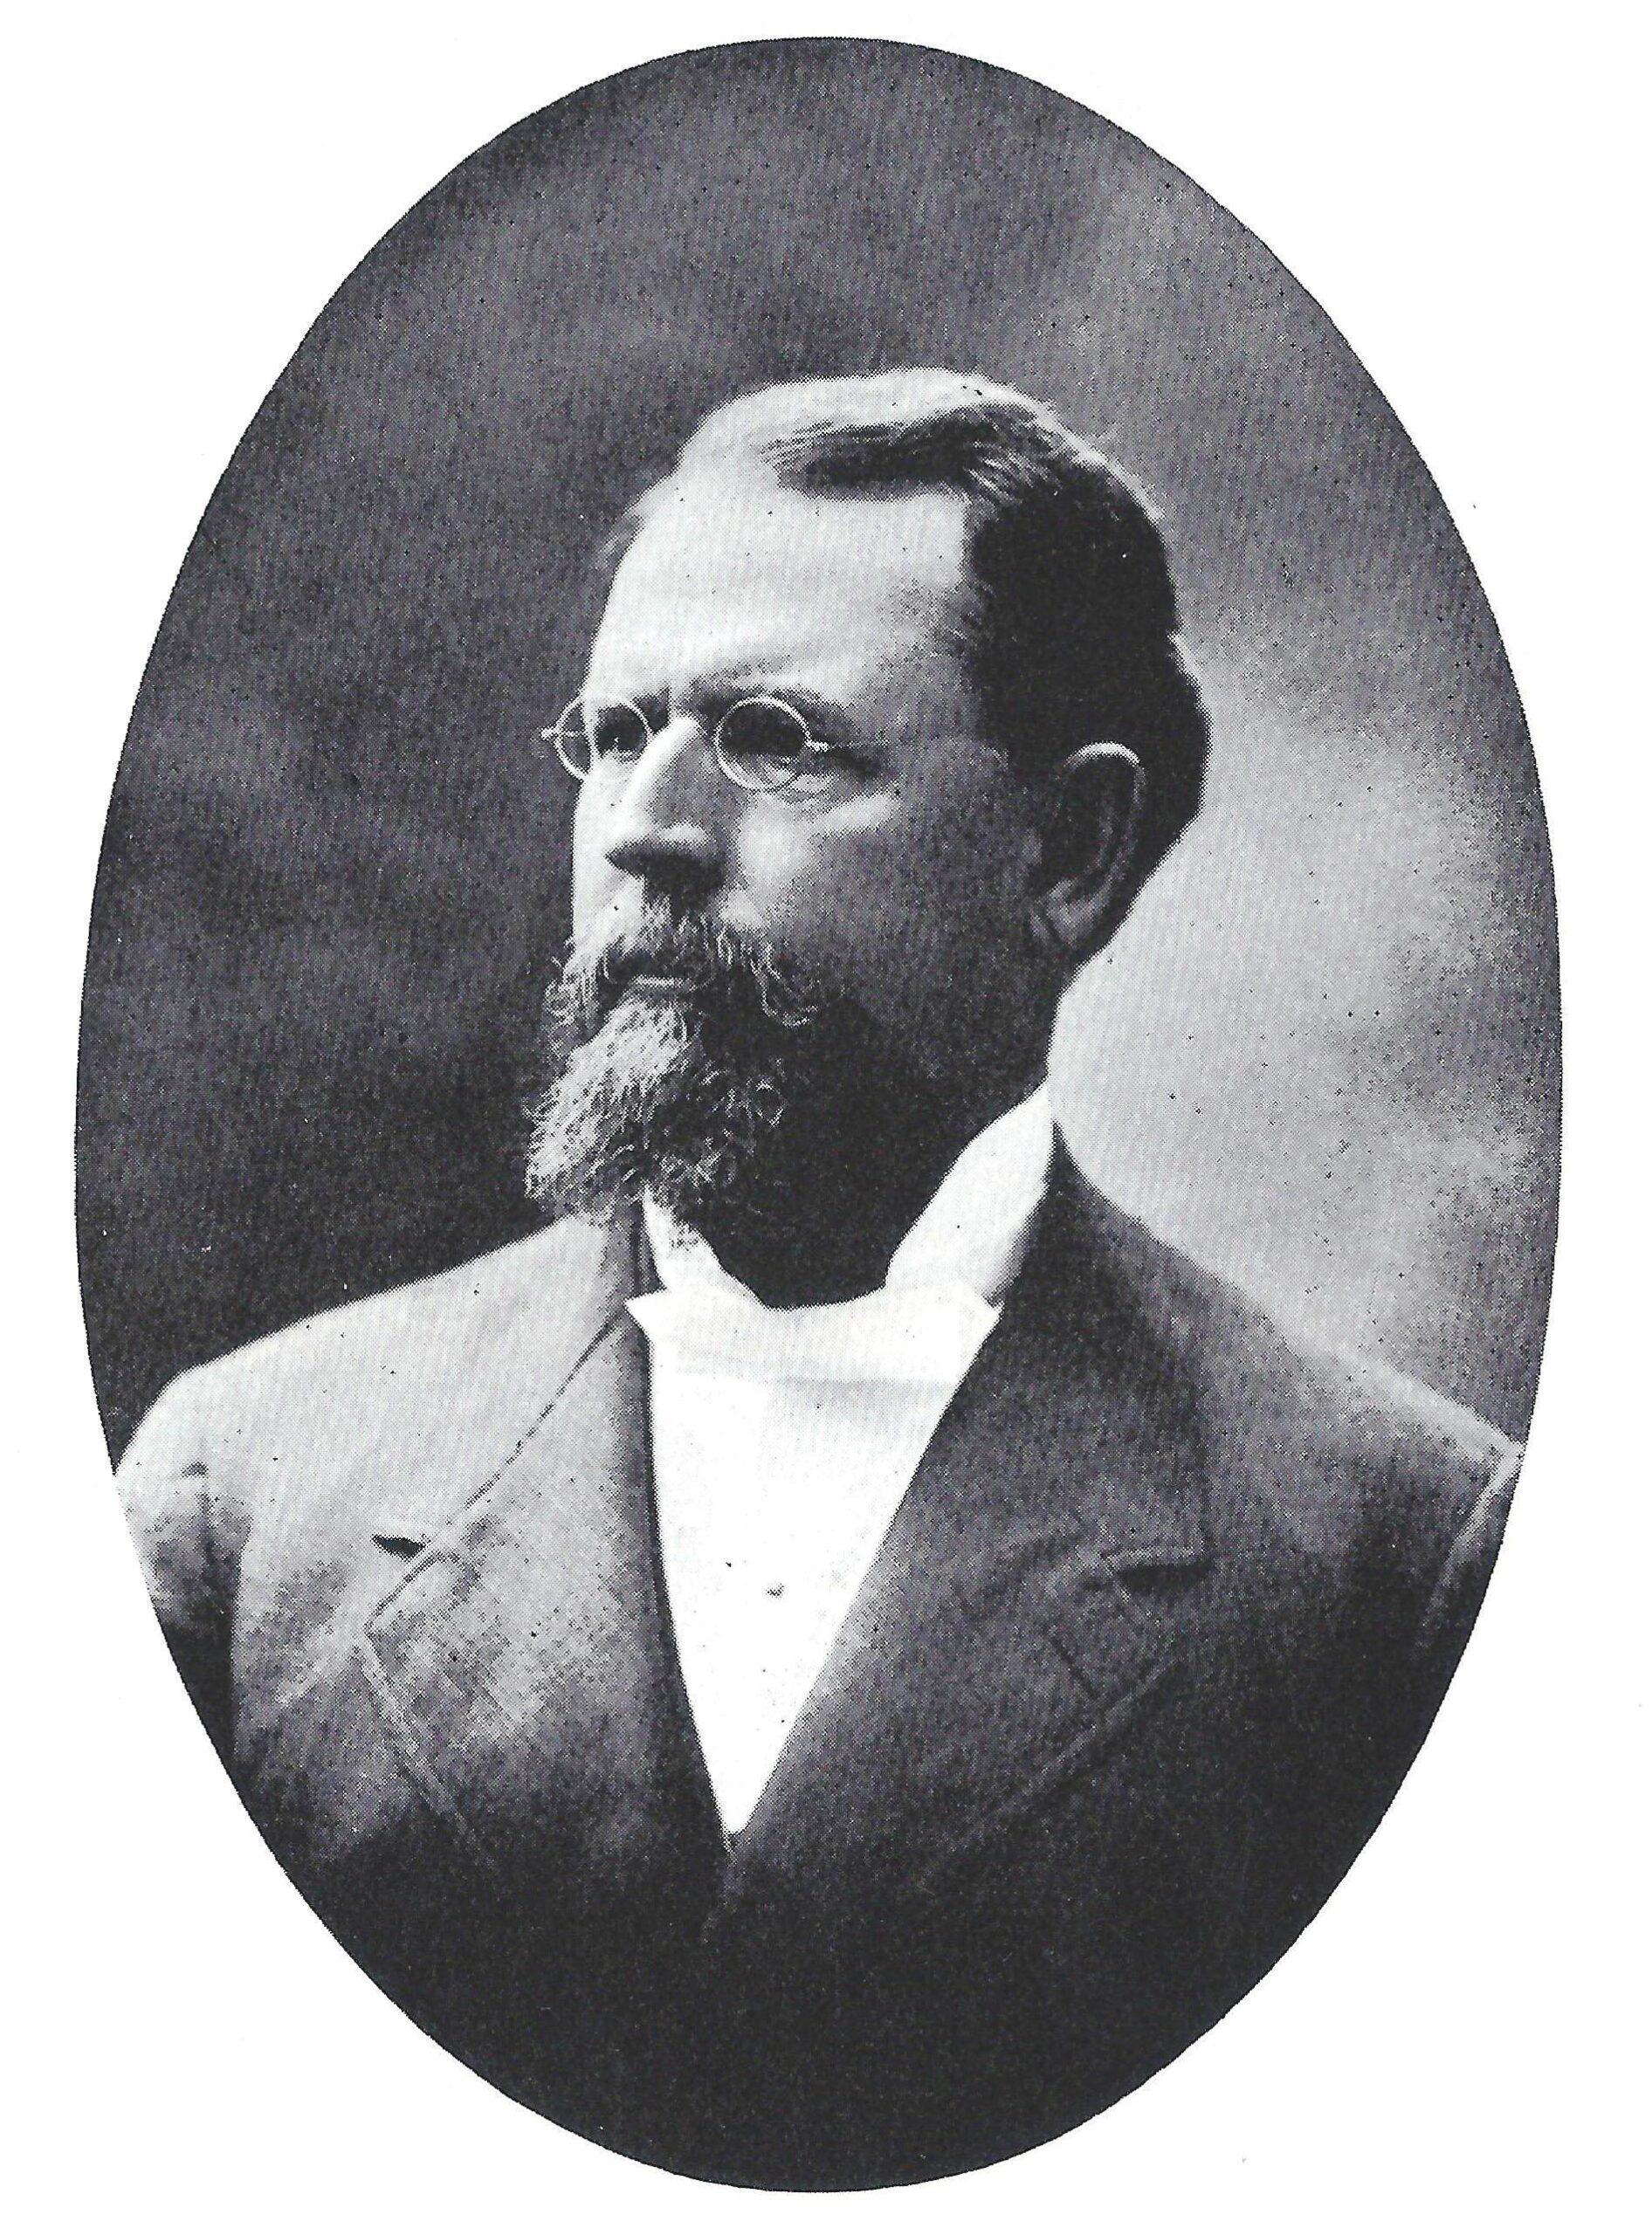 William Prather